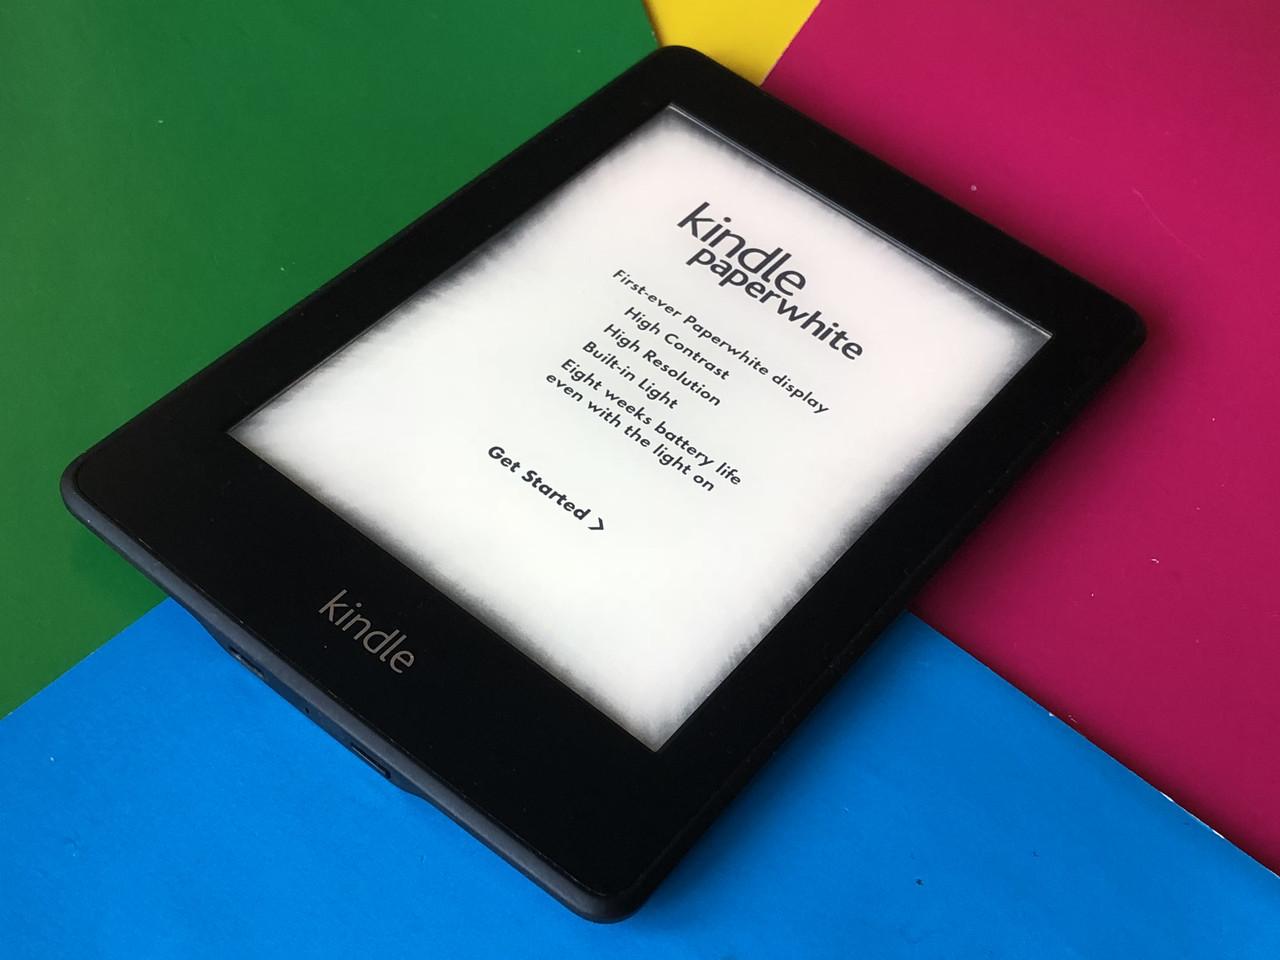 Amazon Kindle Paperwhite 2012 EY21 ПОДСВЕТКА РУС в ХОРОШЕМ СОСТОЯНИИ - Refurbished - Качество, проверенное временем в Чернигове